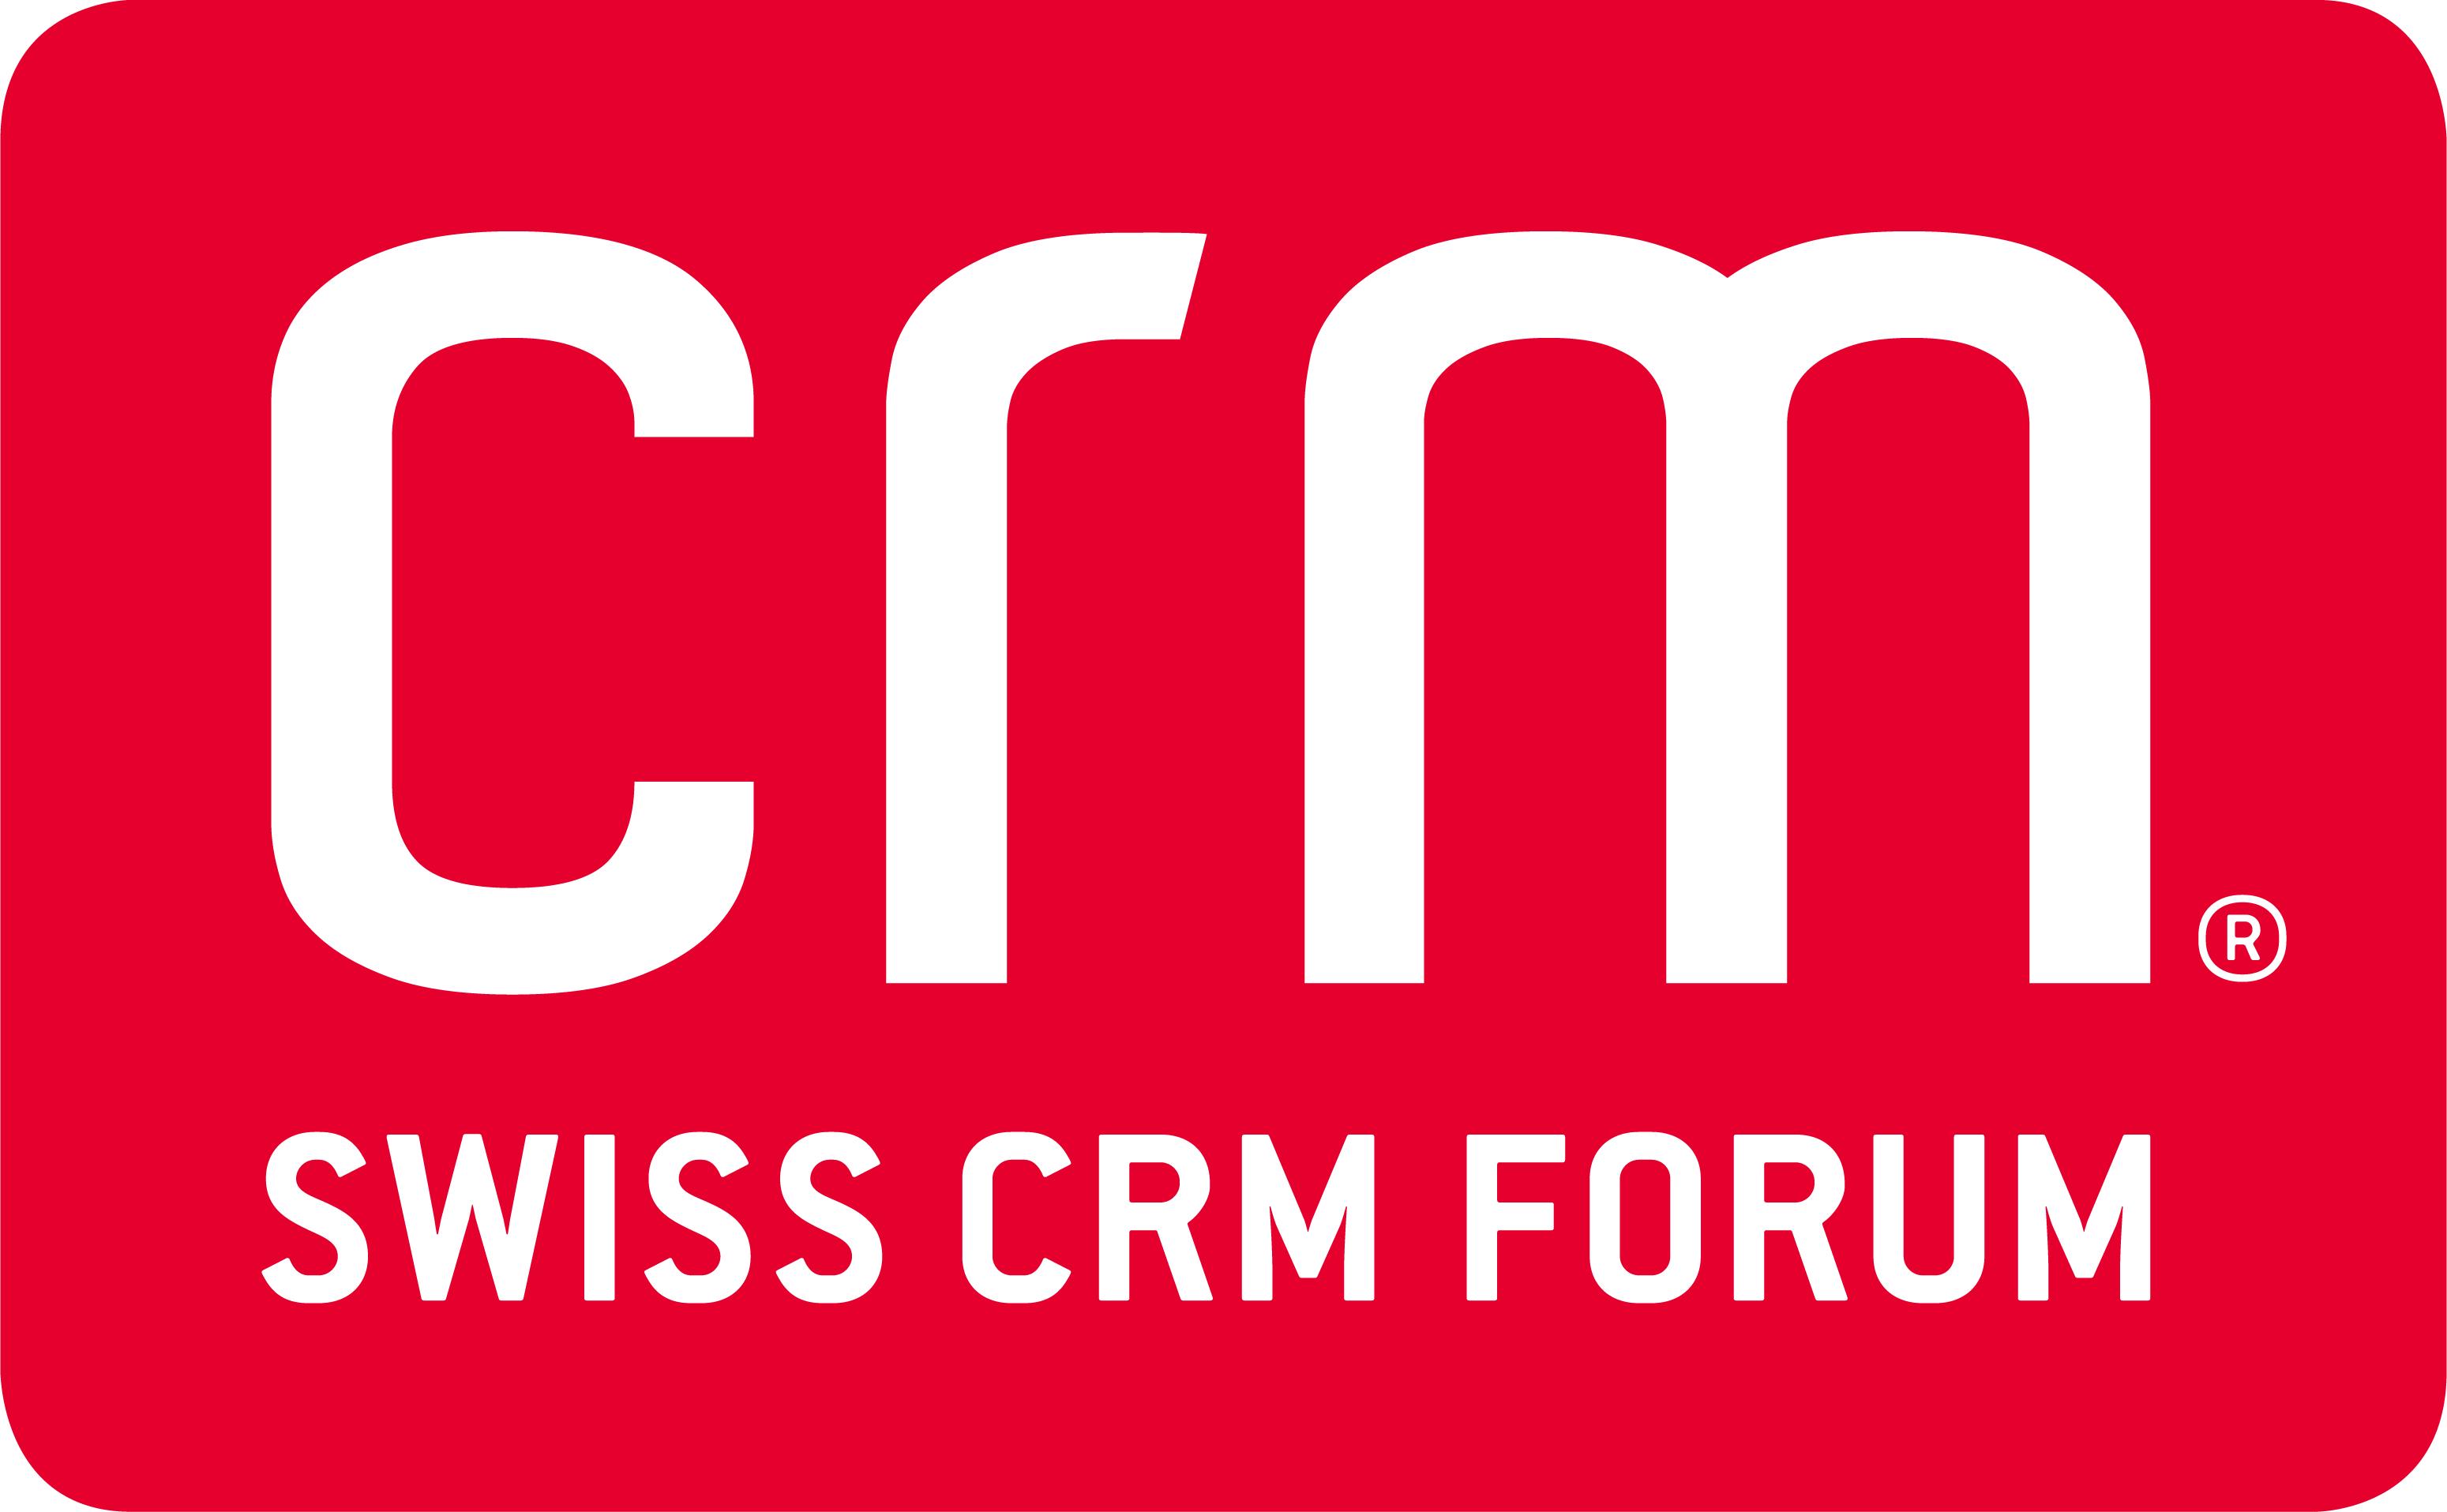 Image{width=3099, height=1915, url='https://www.cmm360.ch/hubfs/SCF_Logo_CMYK-1.jpg'}